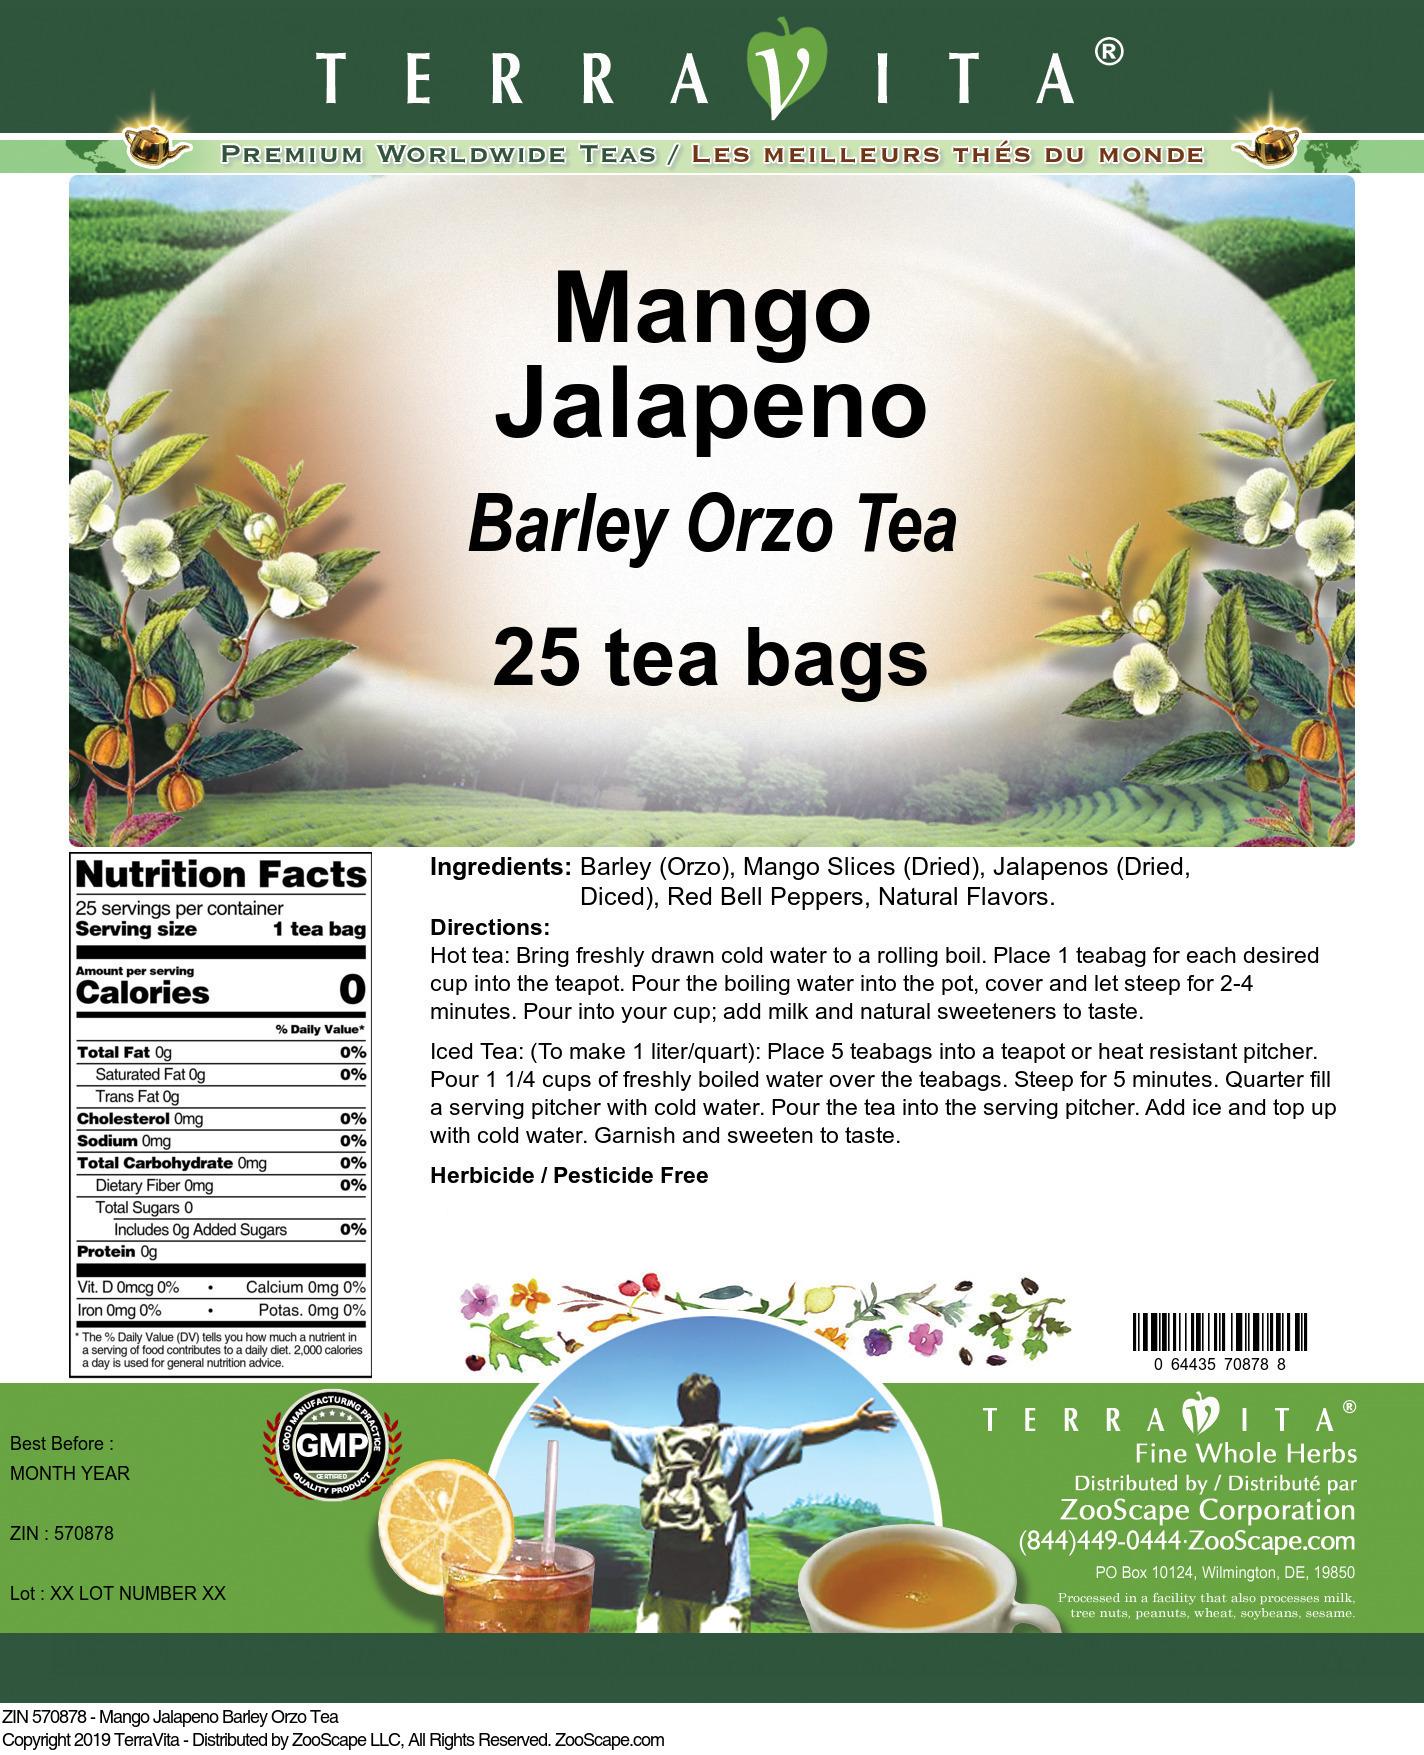 Mango Jalapeno Barley Orzo Tea